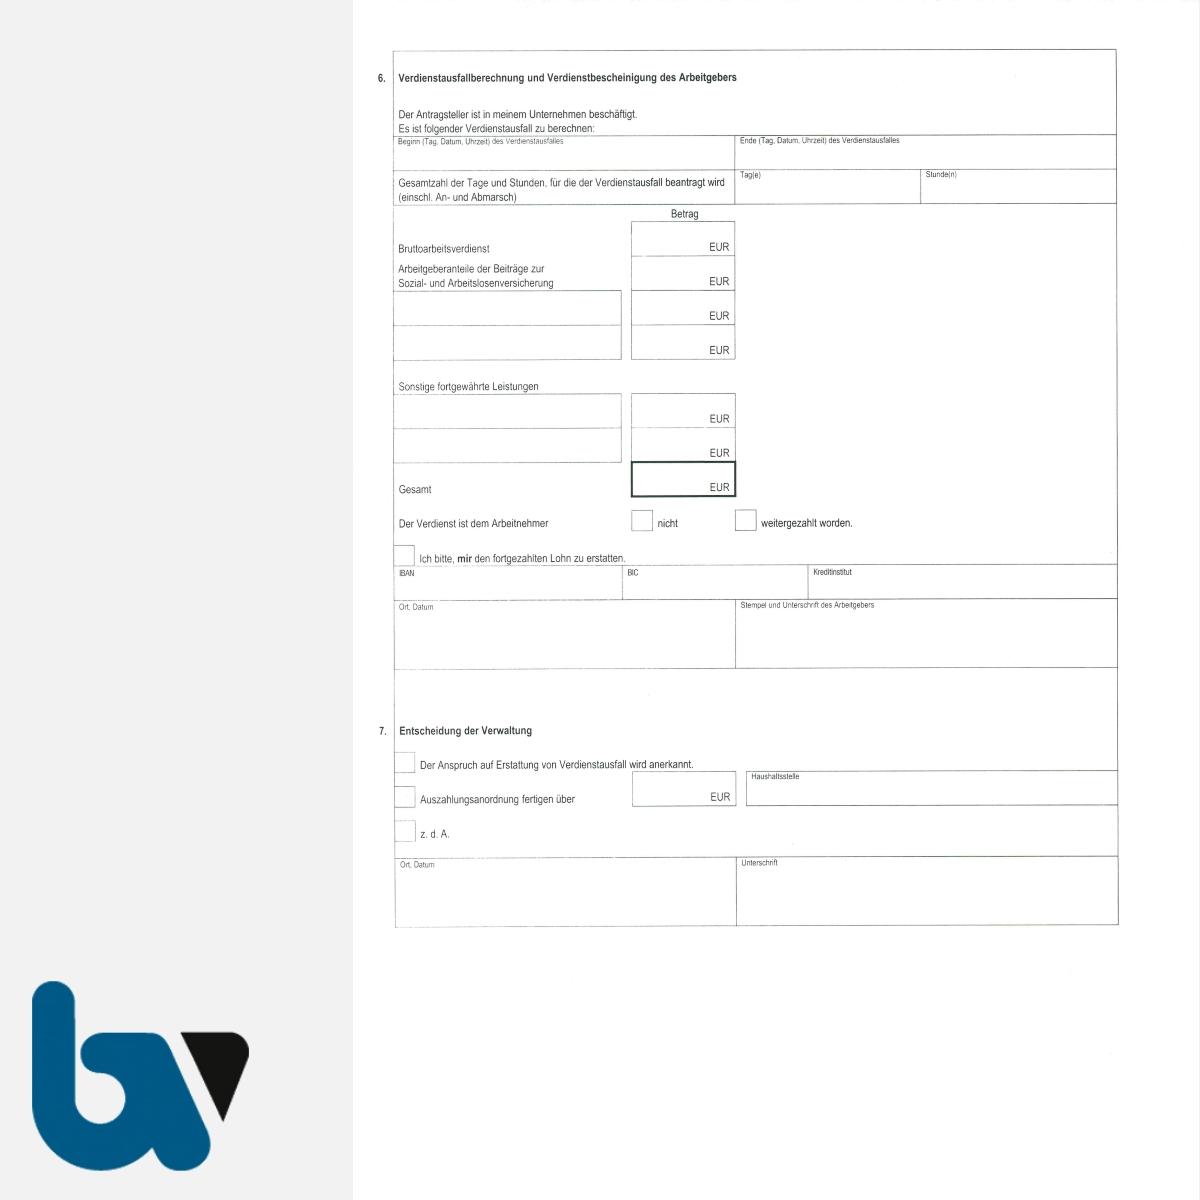 0/469-1 Antrag Erstattung Verdienstausfall Feuerwehr Dienst Berechnung selbstdurchschreibend DIN A4 2-fach RS | Borgard Verlag GmbH